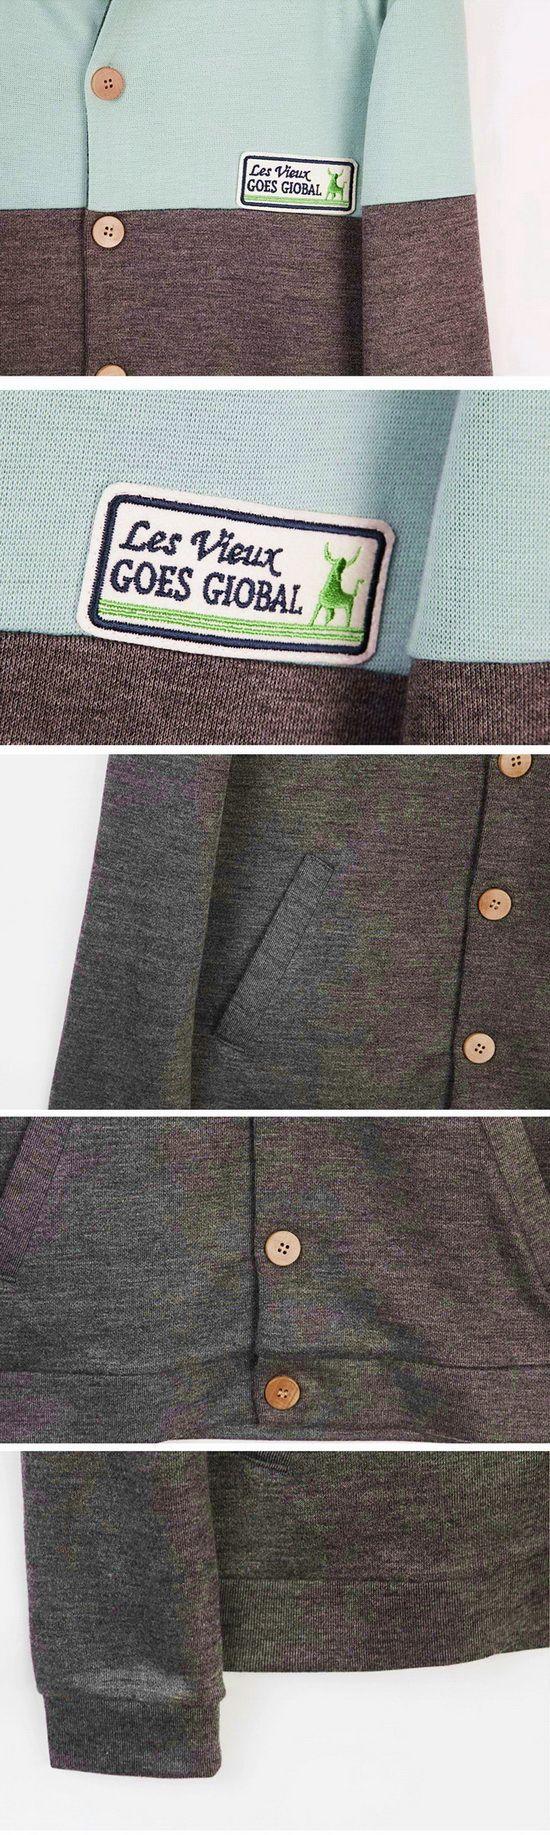 เสื้อกันหนาวพร้อมส่ง : สเวตเตอร์ fleece